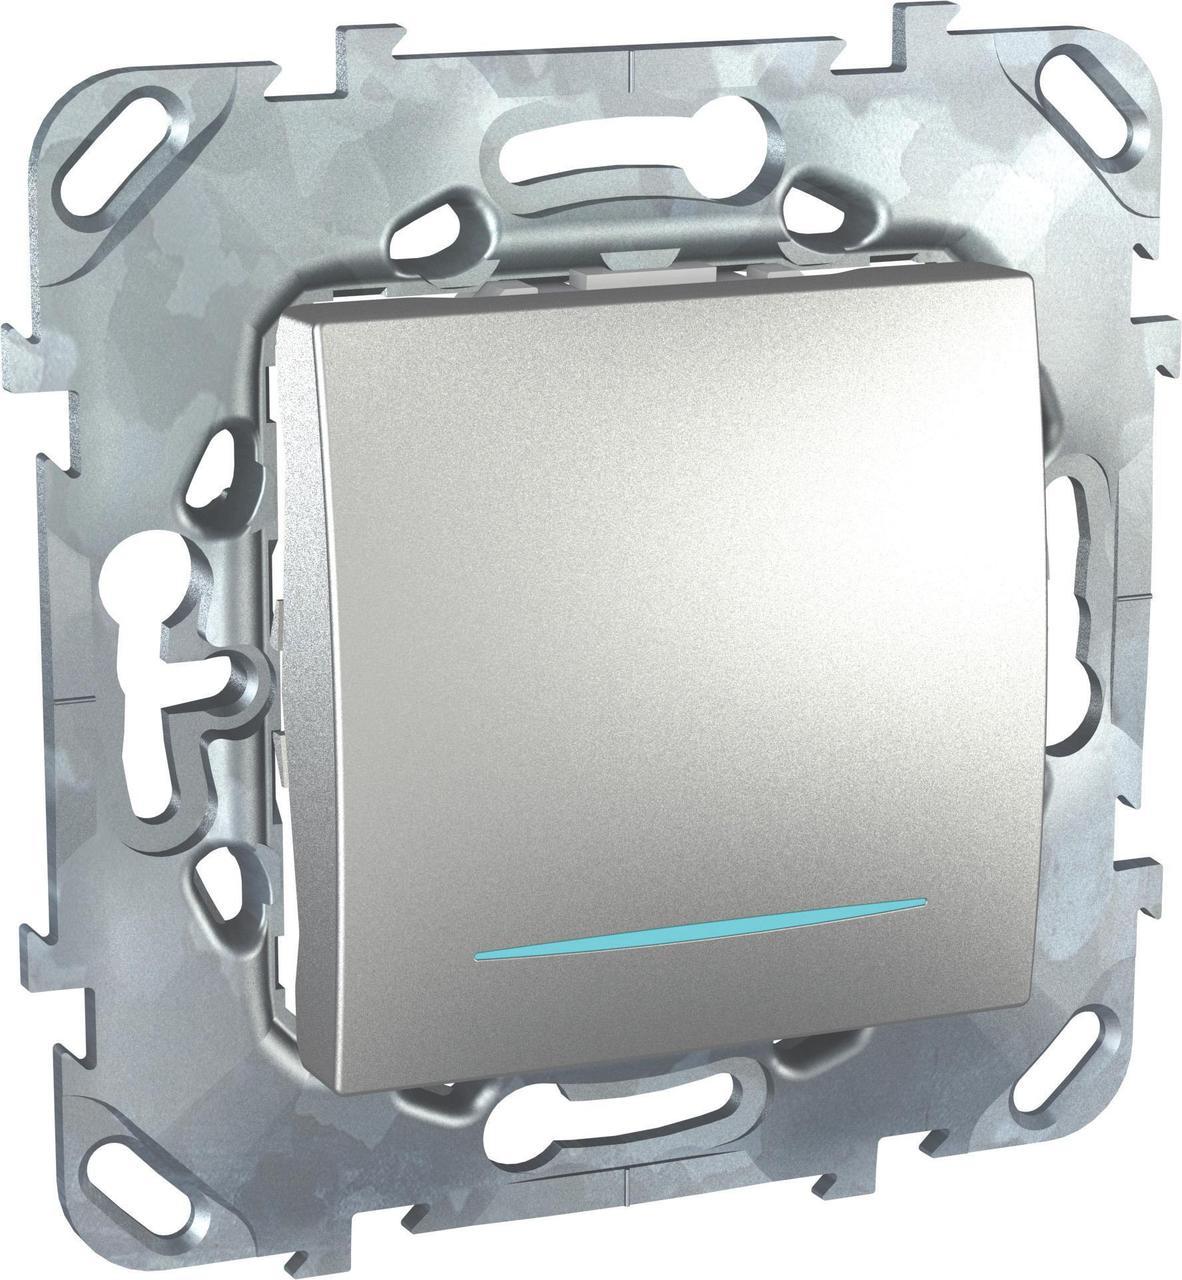 Выключатель 1-клавишный ,проходной с подсветкой (с двух мест) , Алюминий, серия UNICA TOP/CLASS, Schneider Electric